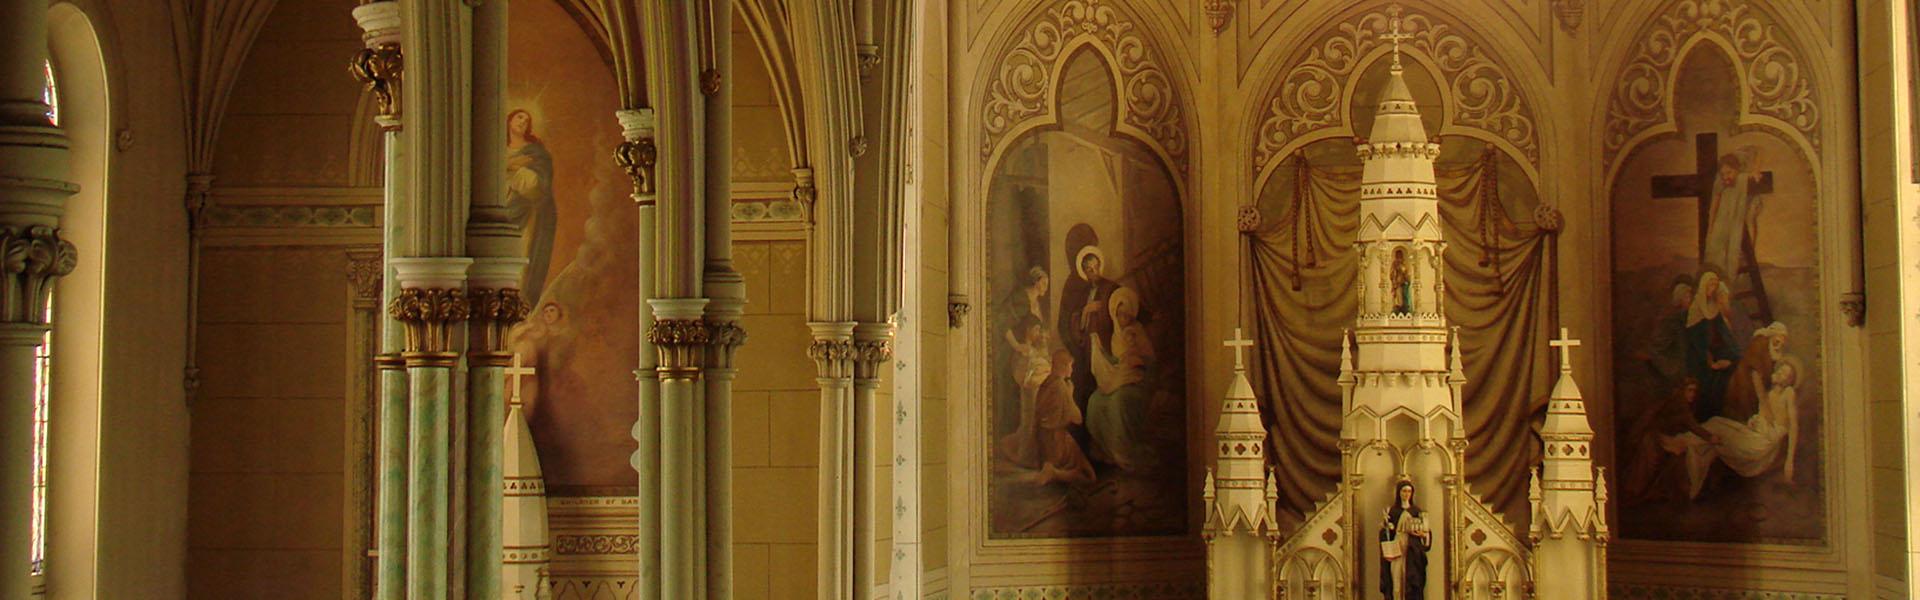 St. Brigid's Church, interior